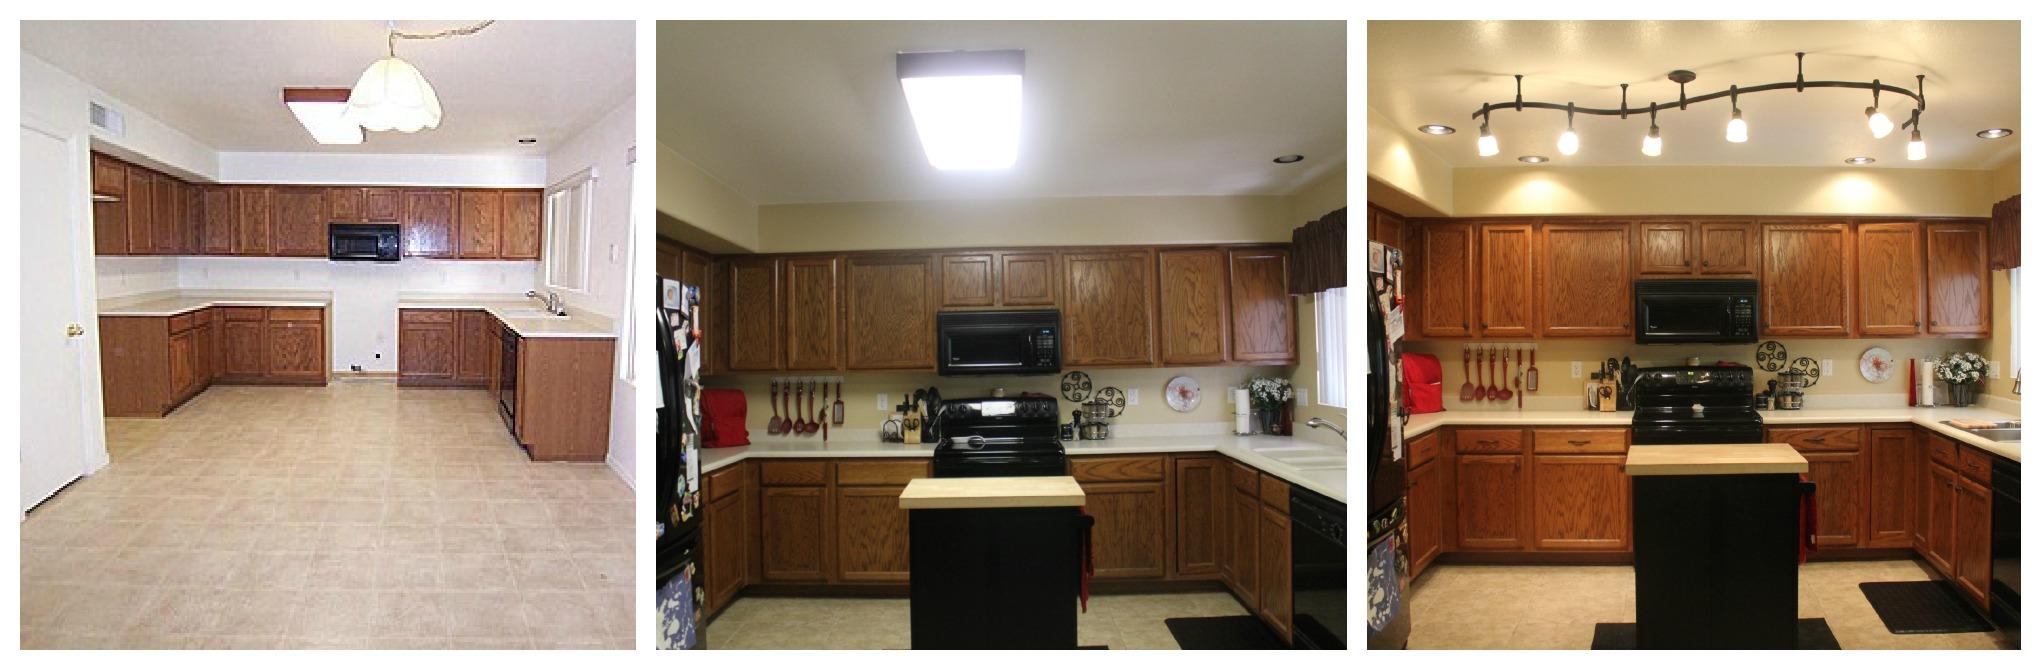 mini kitchen remodel fluorescent kitchen lights So